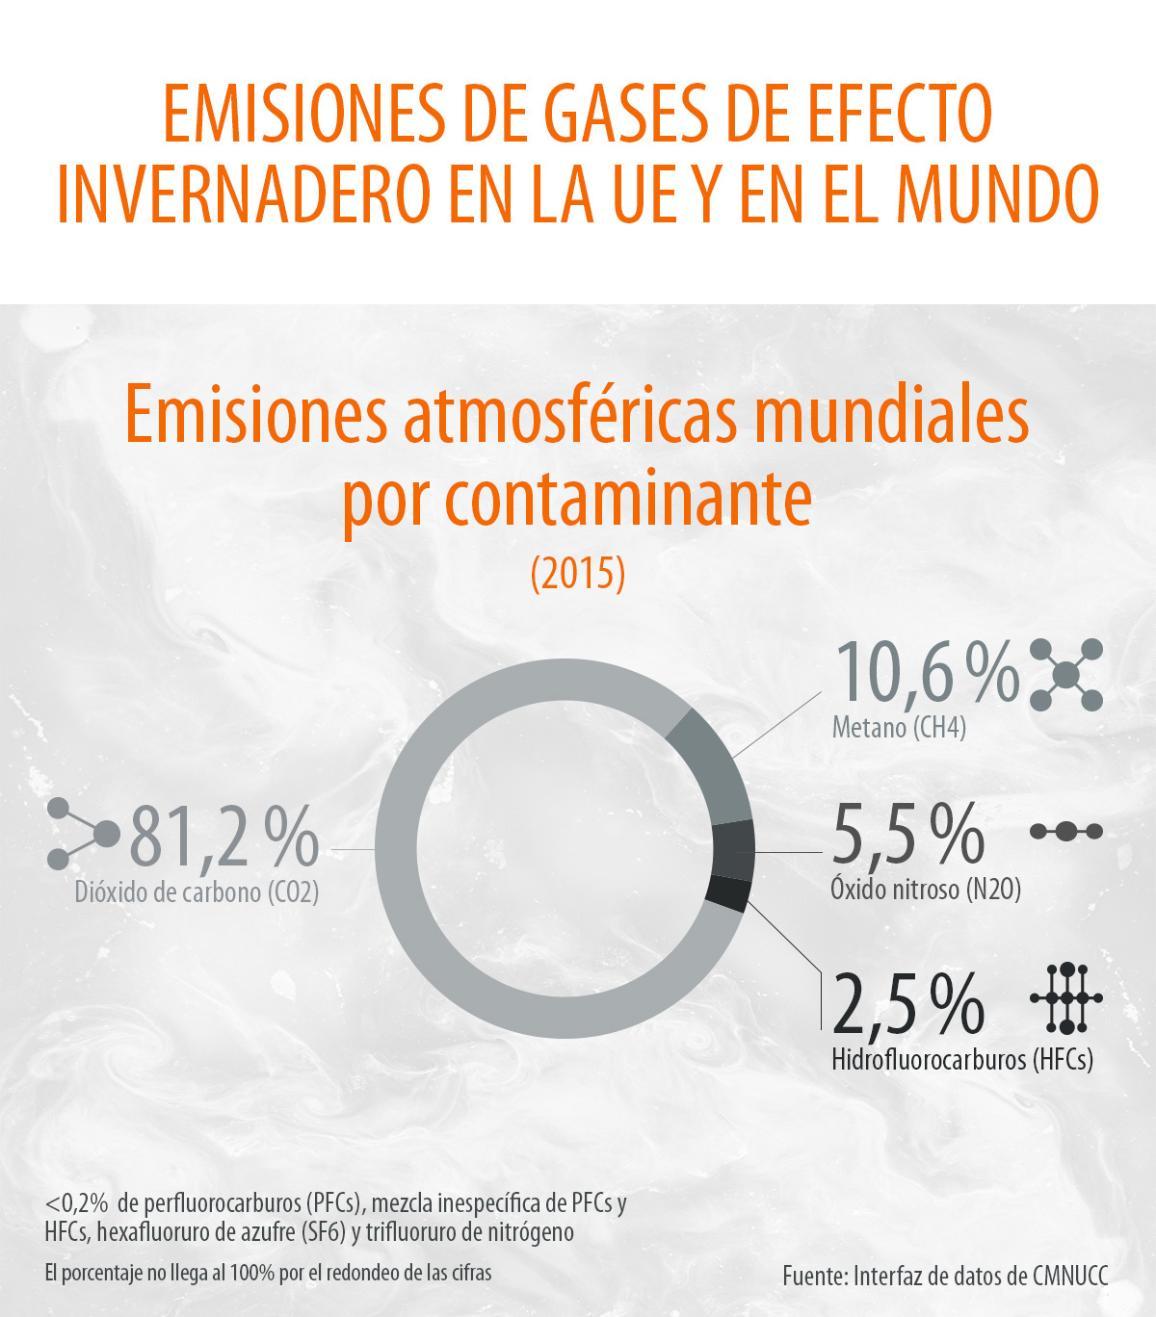 Emisiones De Gases De Efecto Invernadero Por País Y Sector